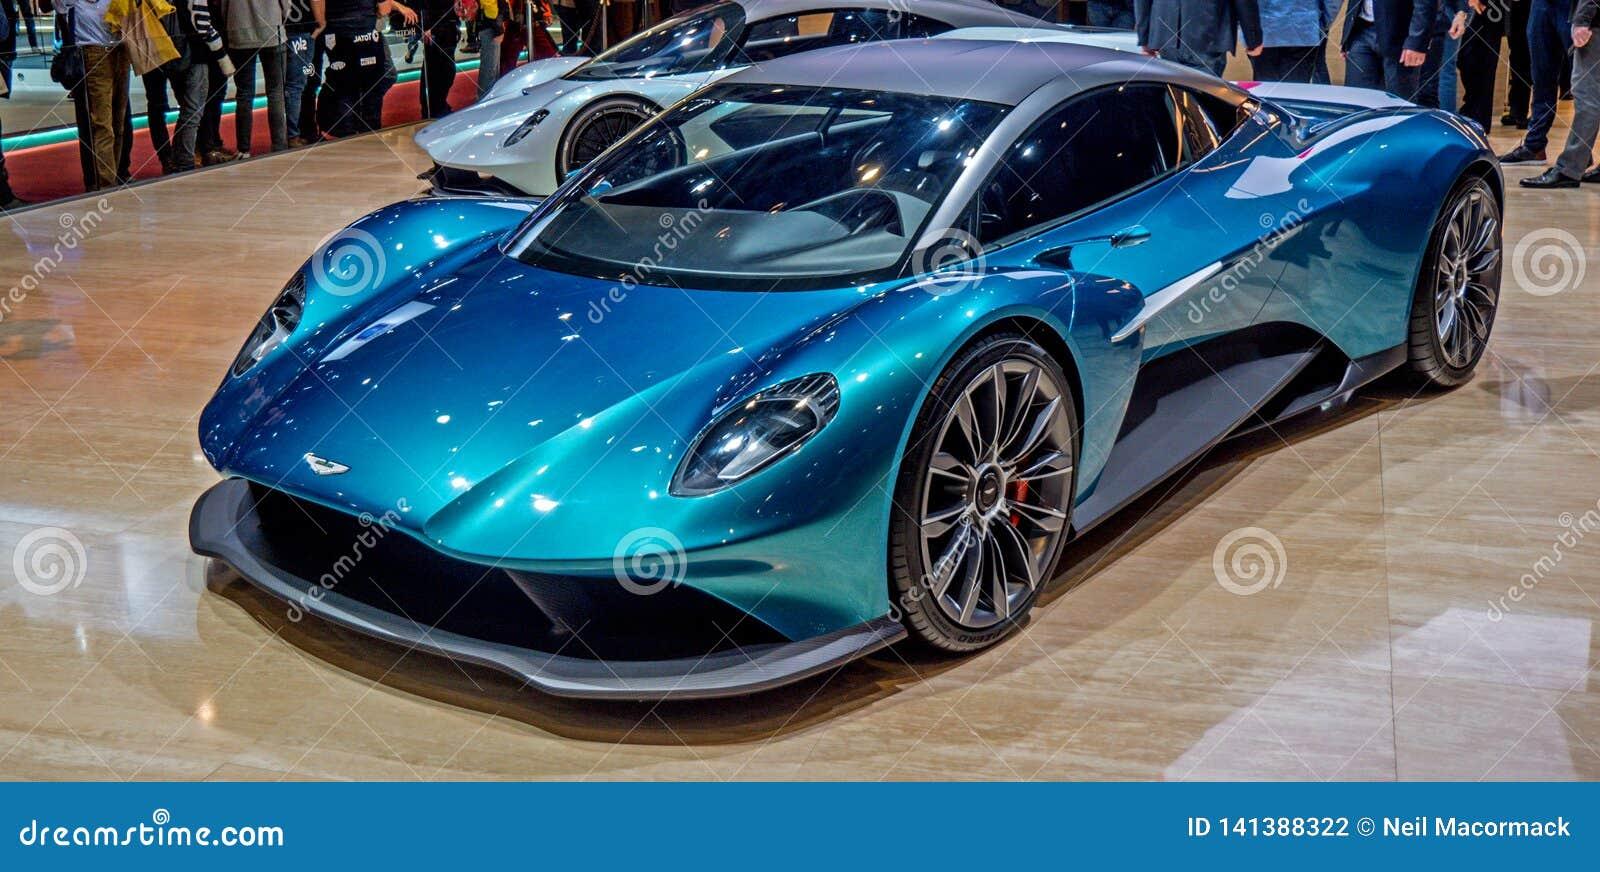 Genf Autoausstellung Aston 2019 Martin Aston Martin Vanquish Vision Concept Car Redaktionelles Stockfotografie Bild Von Fahrzeug Autos 141388322